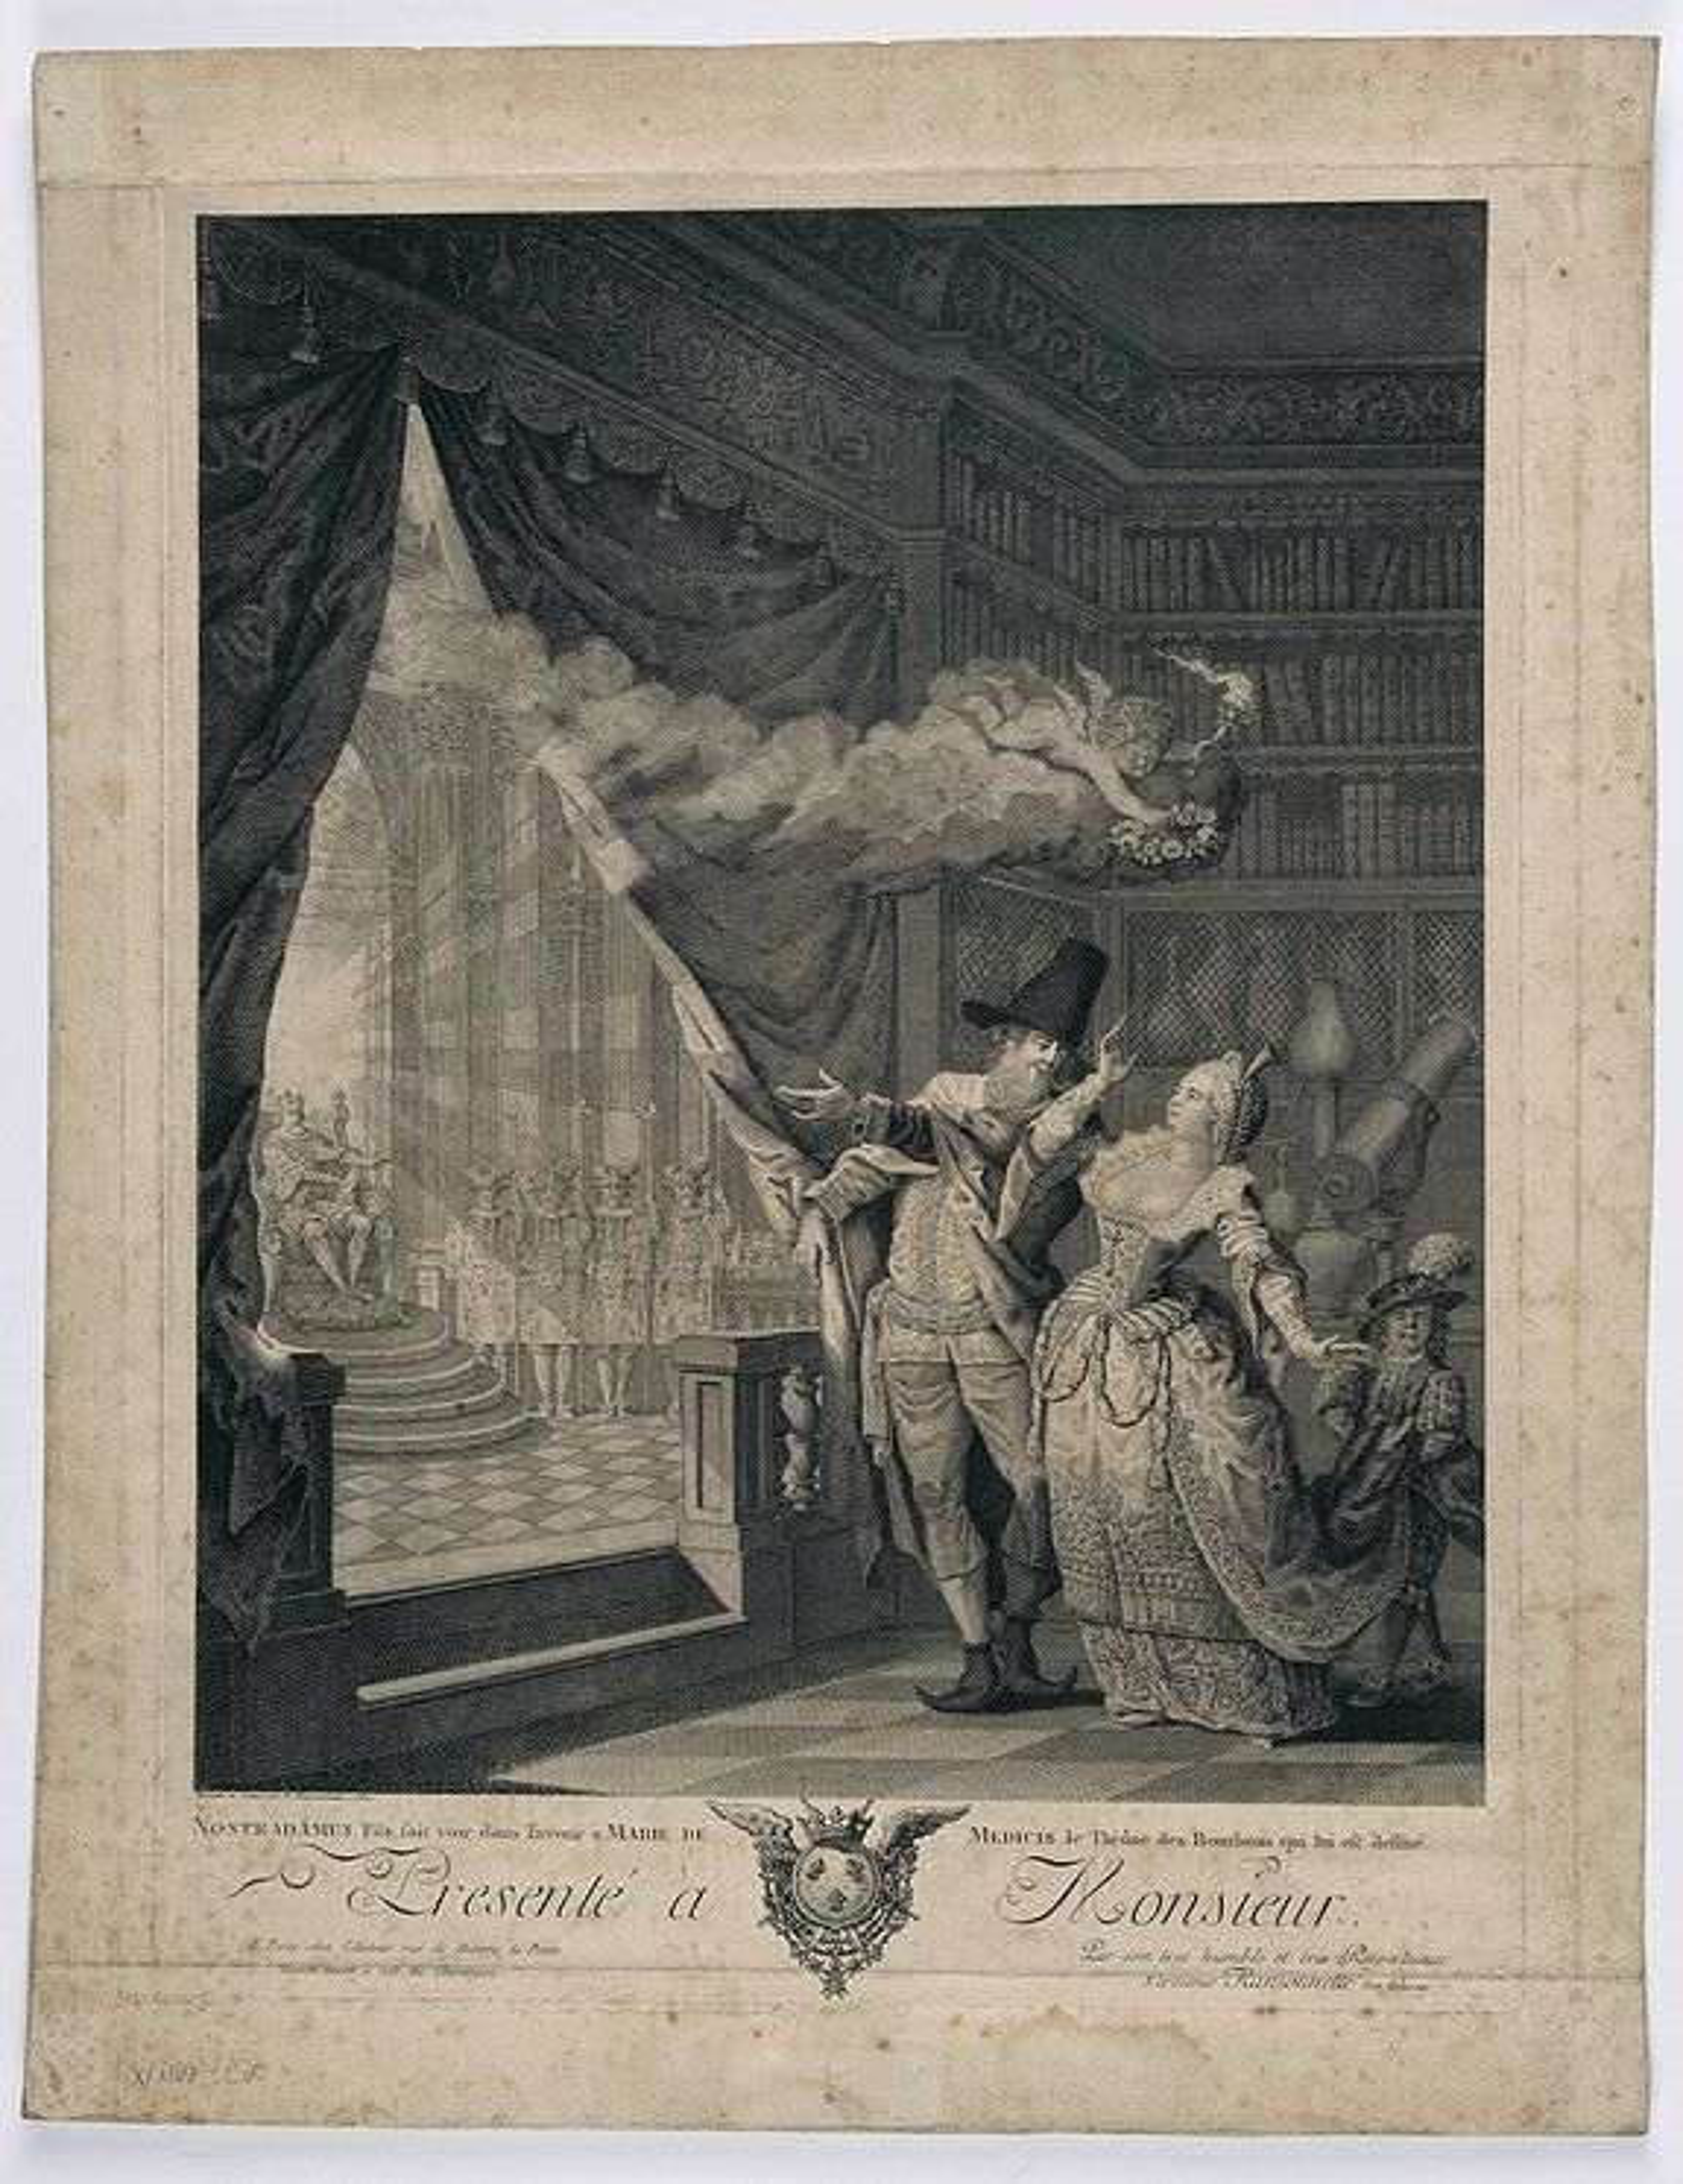 RANSONNETTE, N. - Nostradamus fils, fait voir dans l'avenir à Marie de Medicis le thrône des Bourbons qui lui est destiné. . .